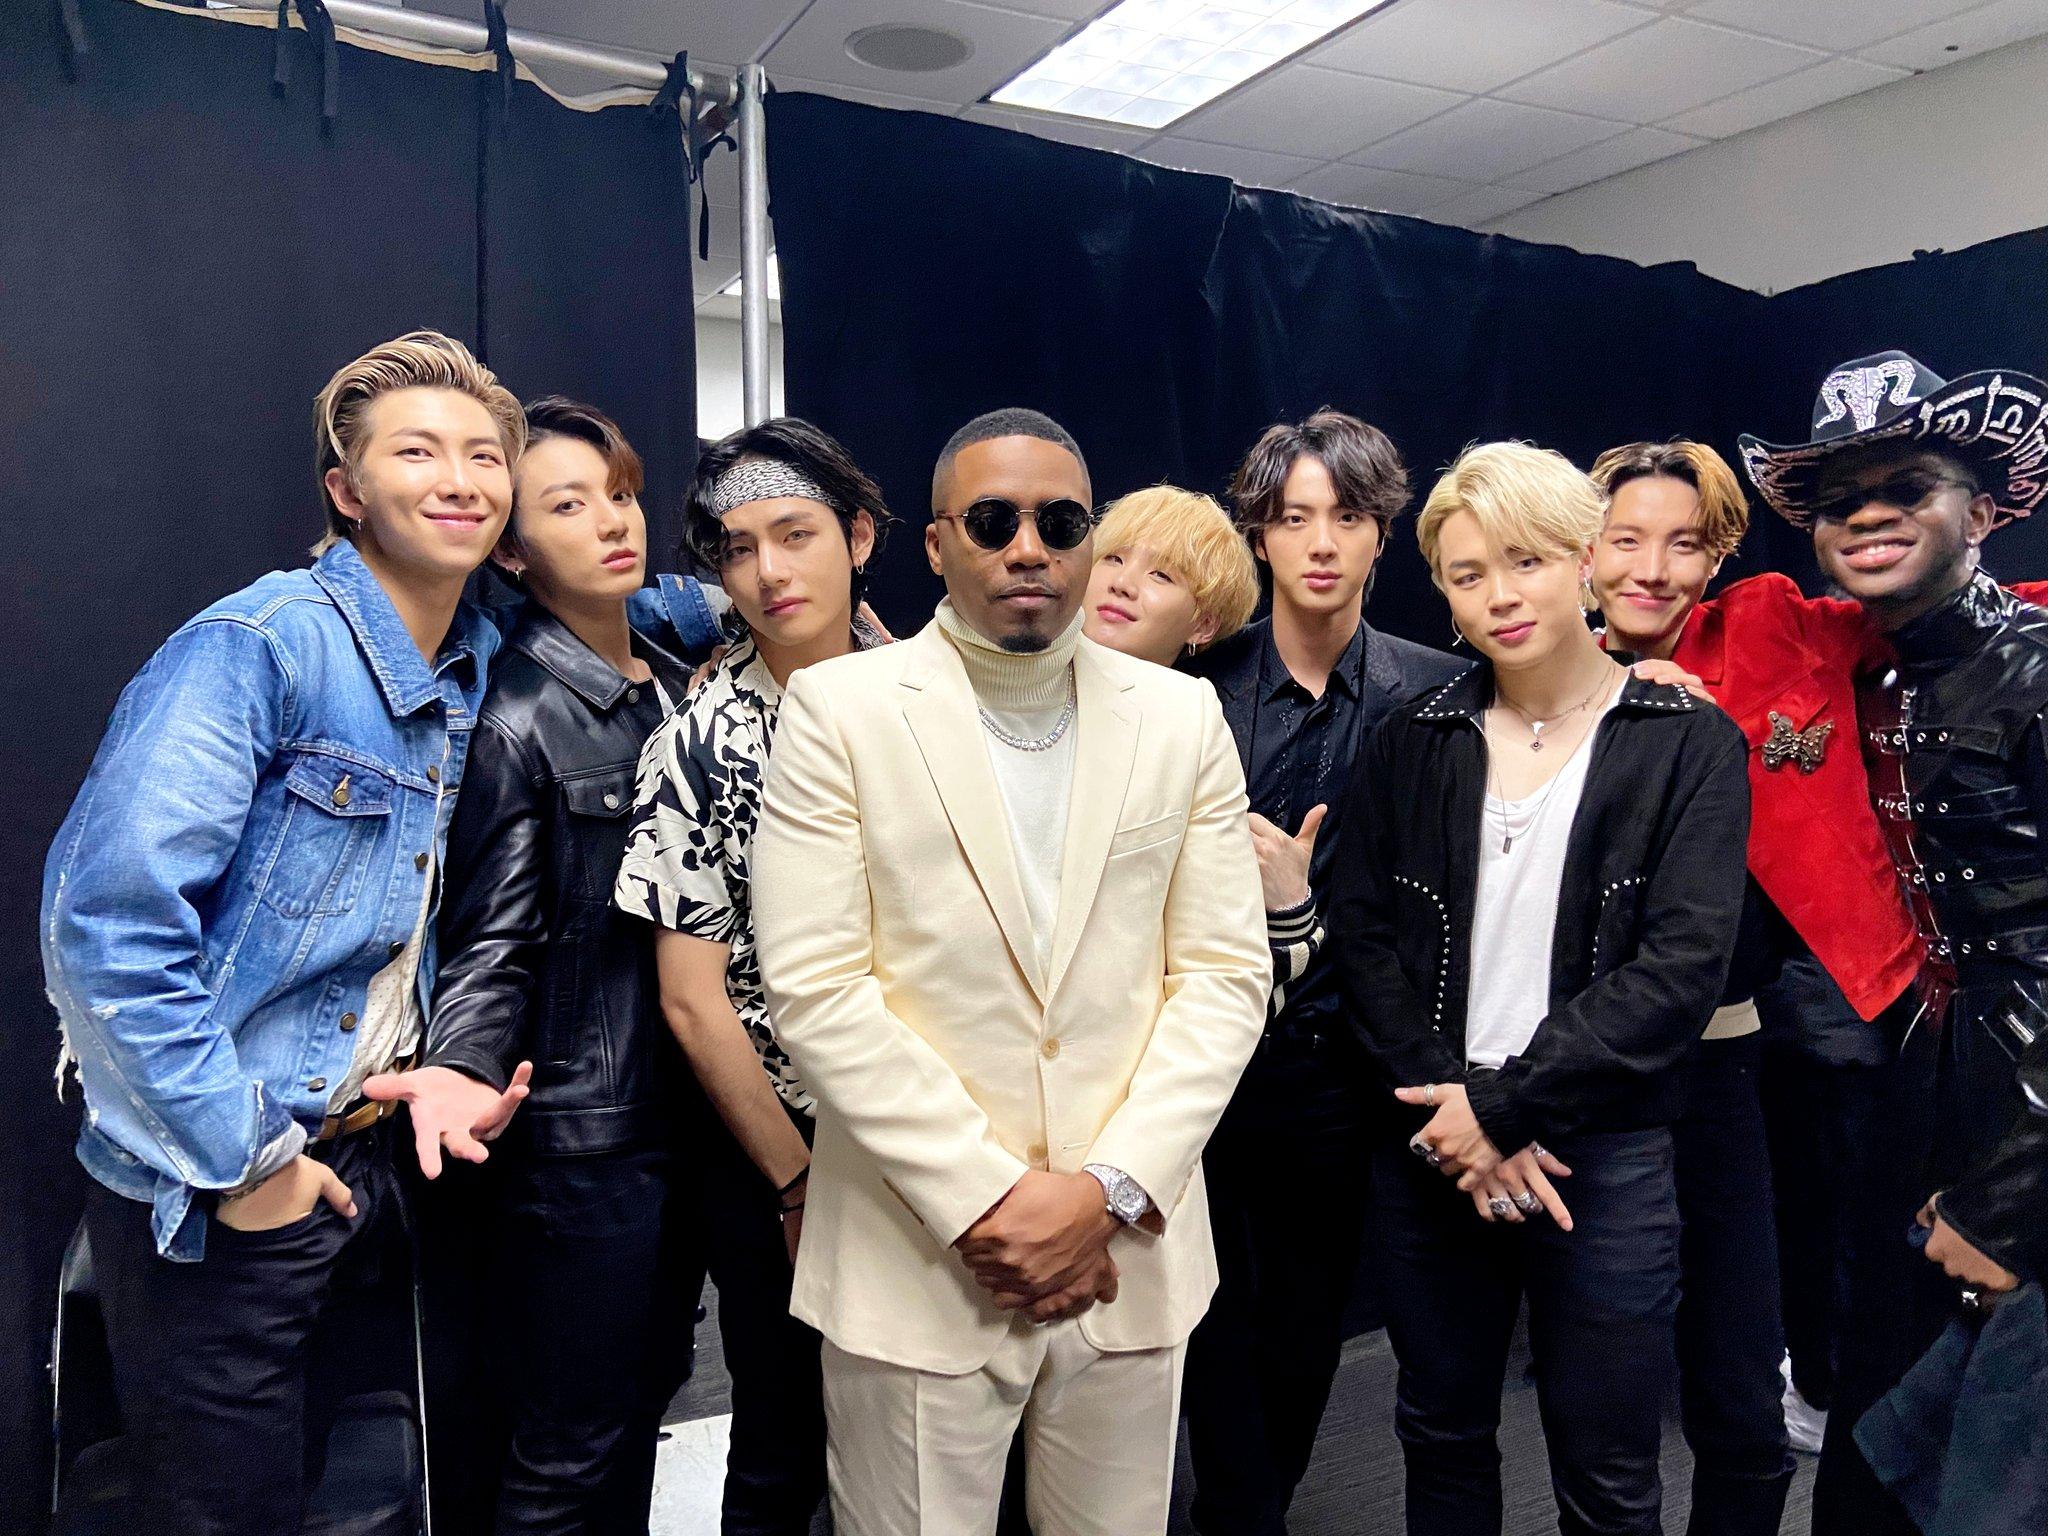 BTS Diundang Langsung oleh Lil Nas X untuk Tampil Bersama di Panggung Grammy Awards 2020